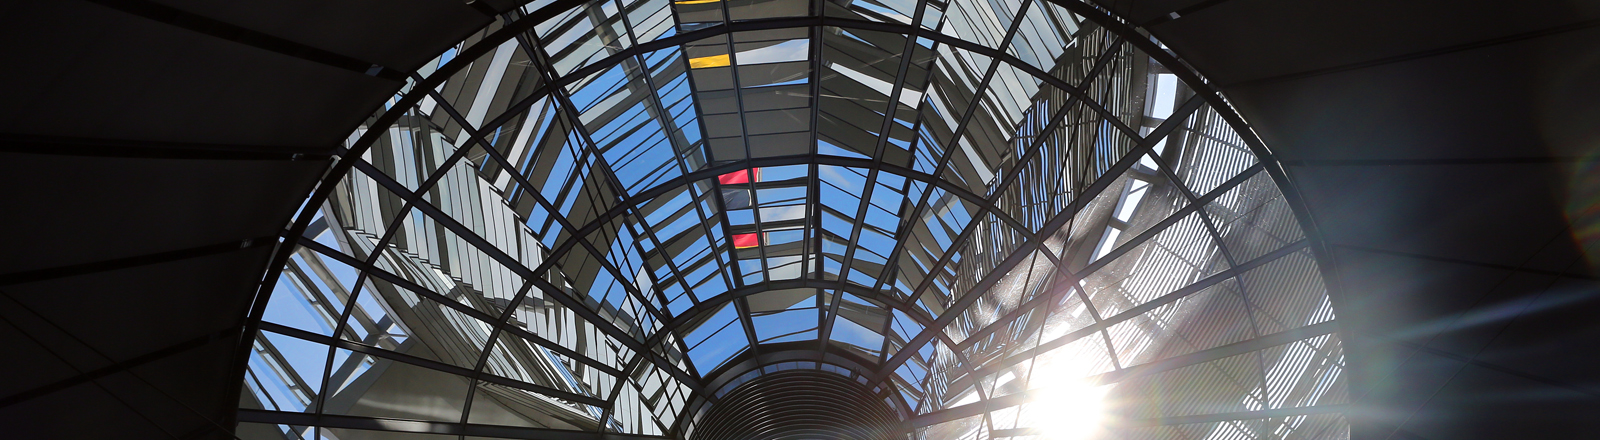 Die Sonne scheint durch die Kuppel im Bundestag